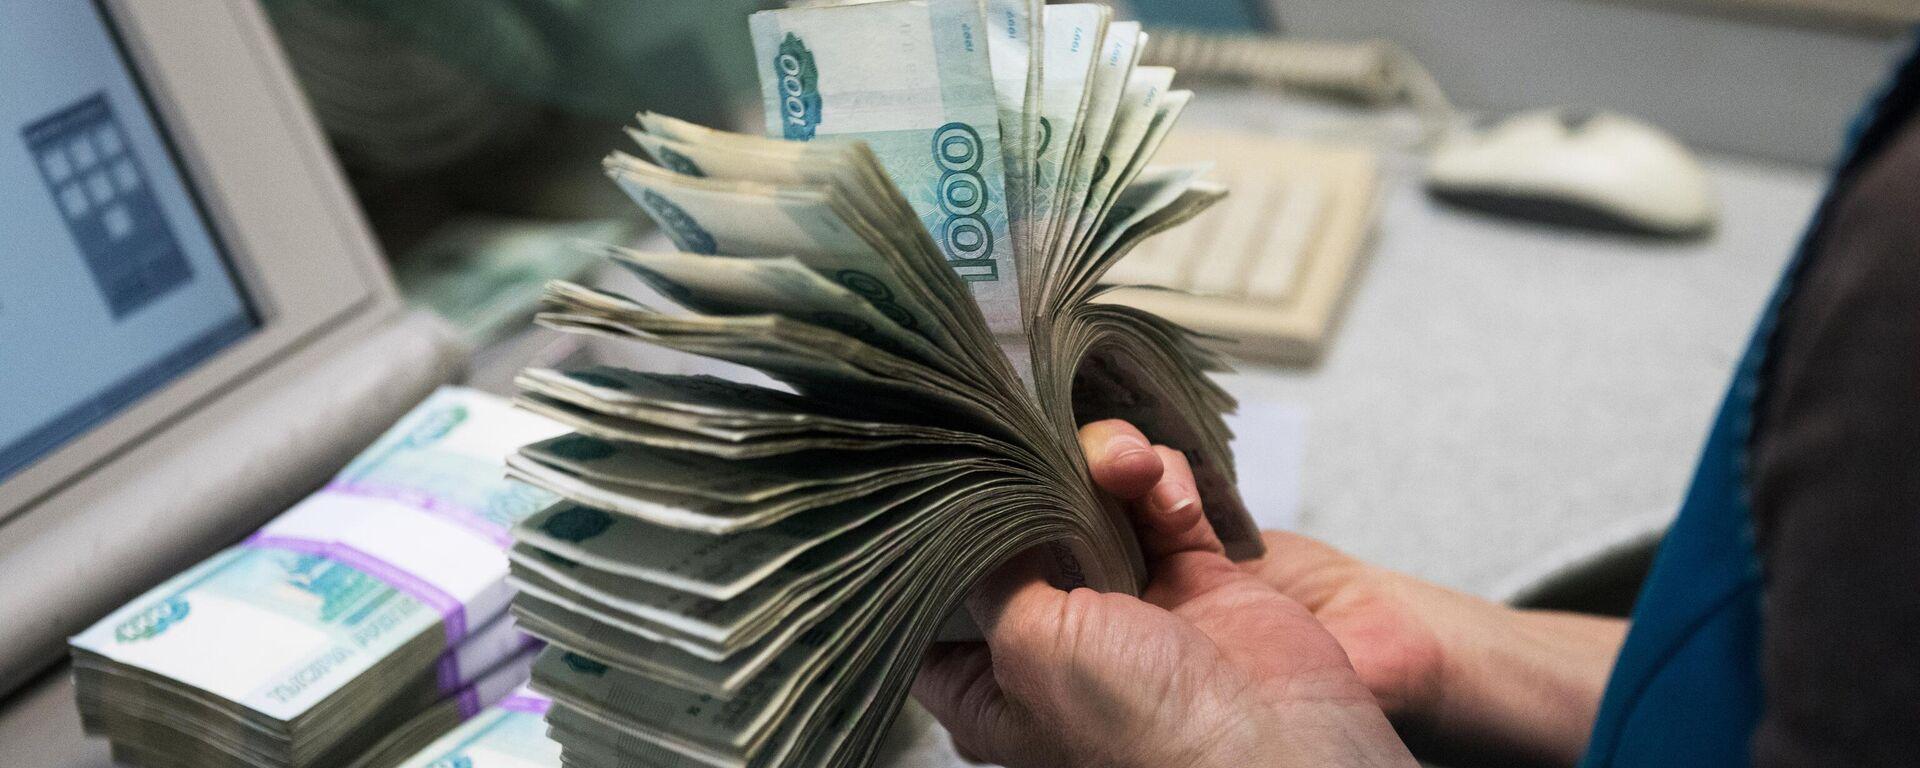 Банкноты номиналом 1000 рублей - Sputnik Таджикистан, 1920, 17.05.2021